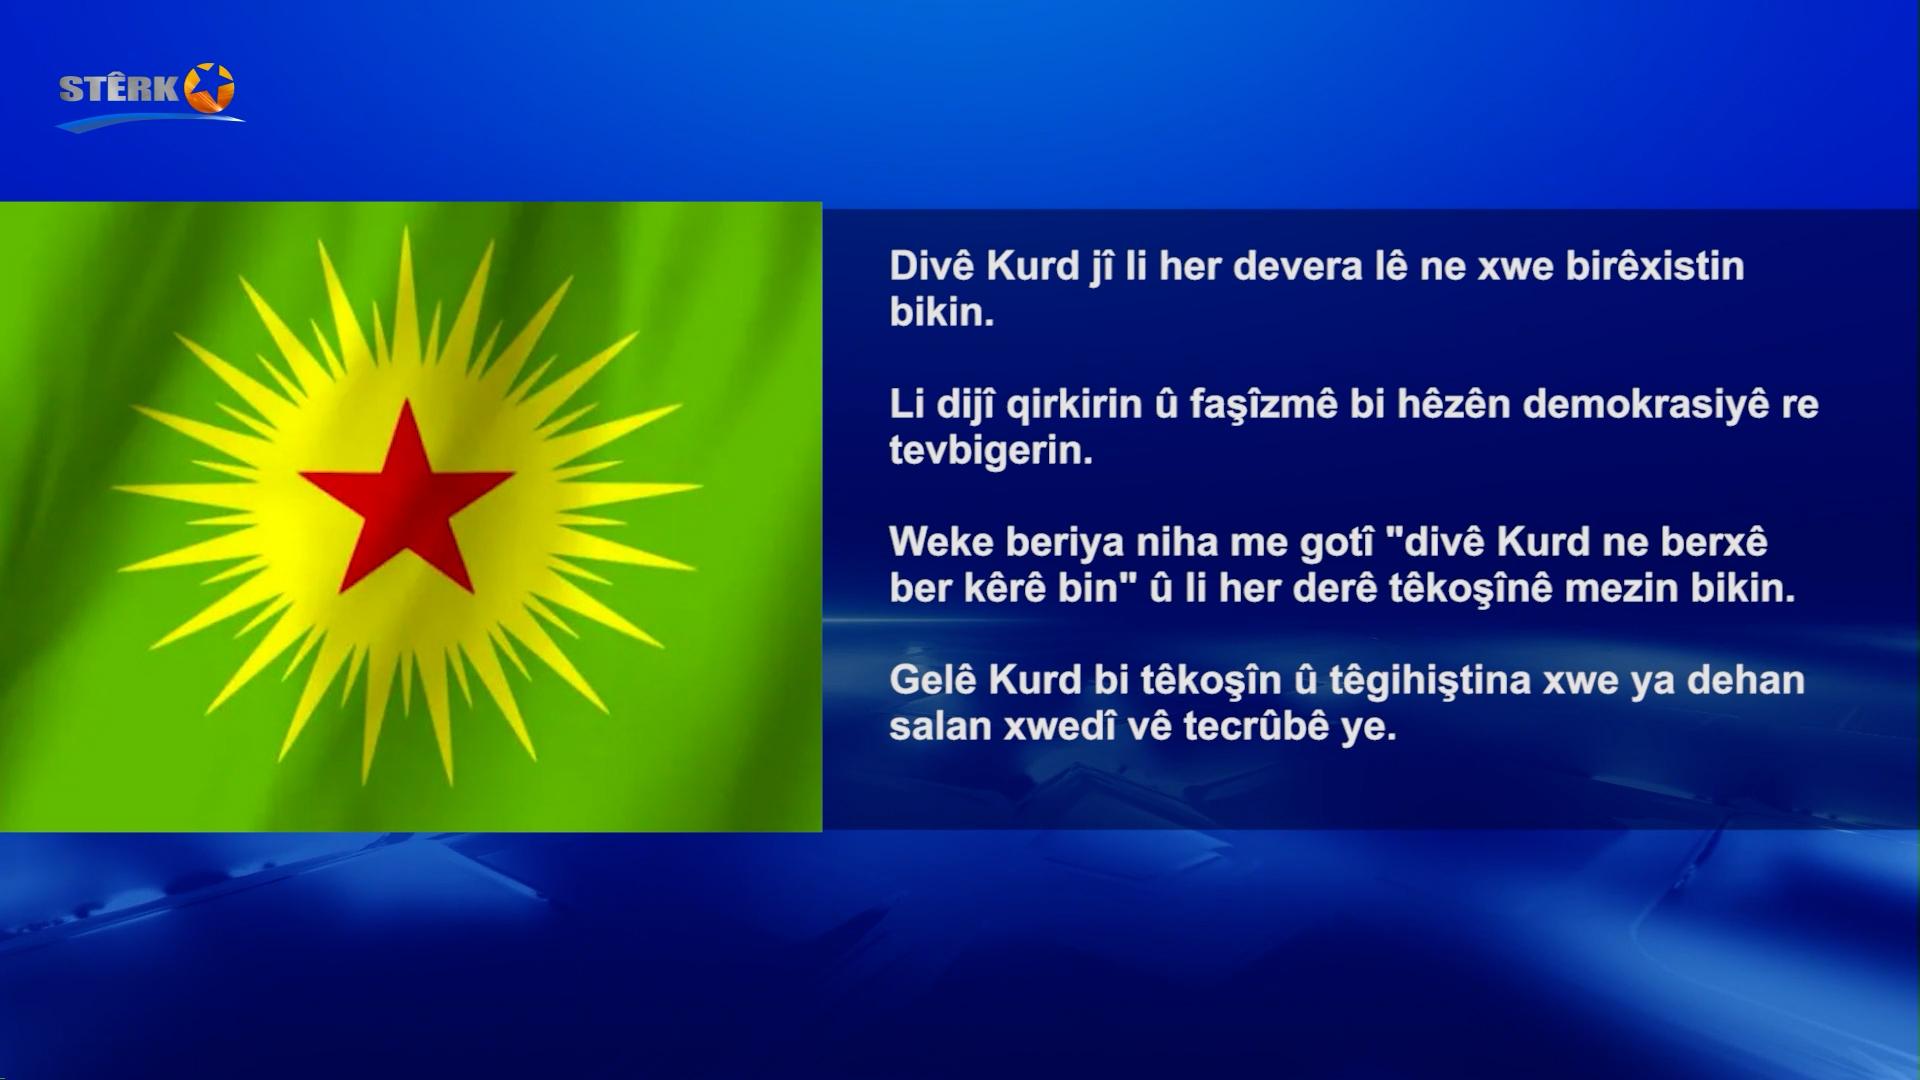 KCK: Divê bi dehhezaran kes dakevin qadan û bêjin 'Em Kurd In'